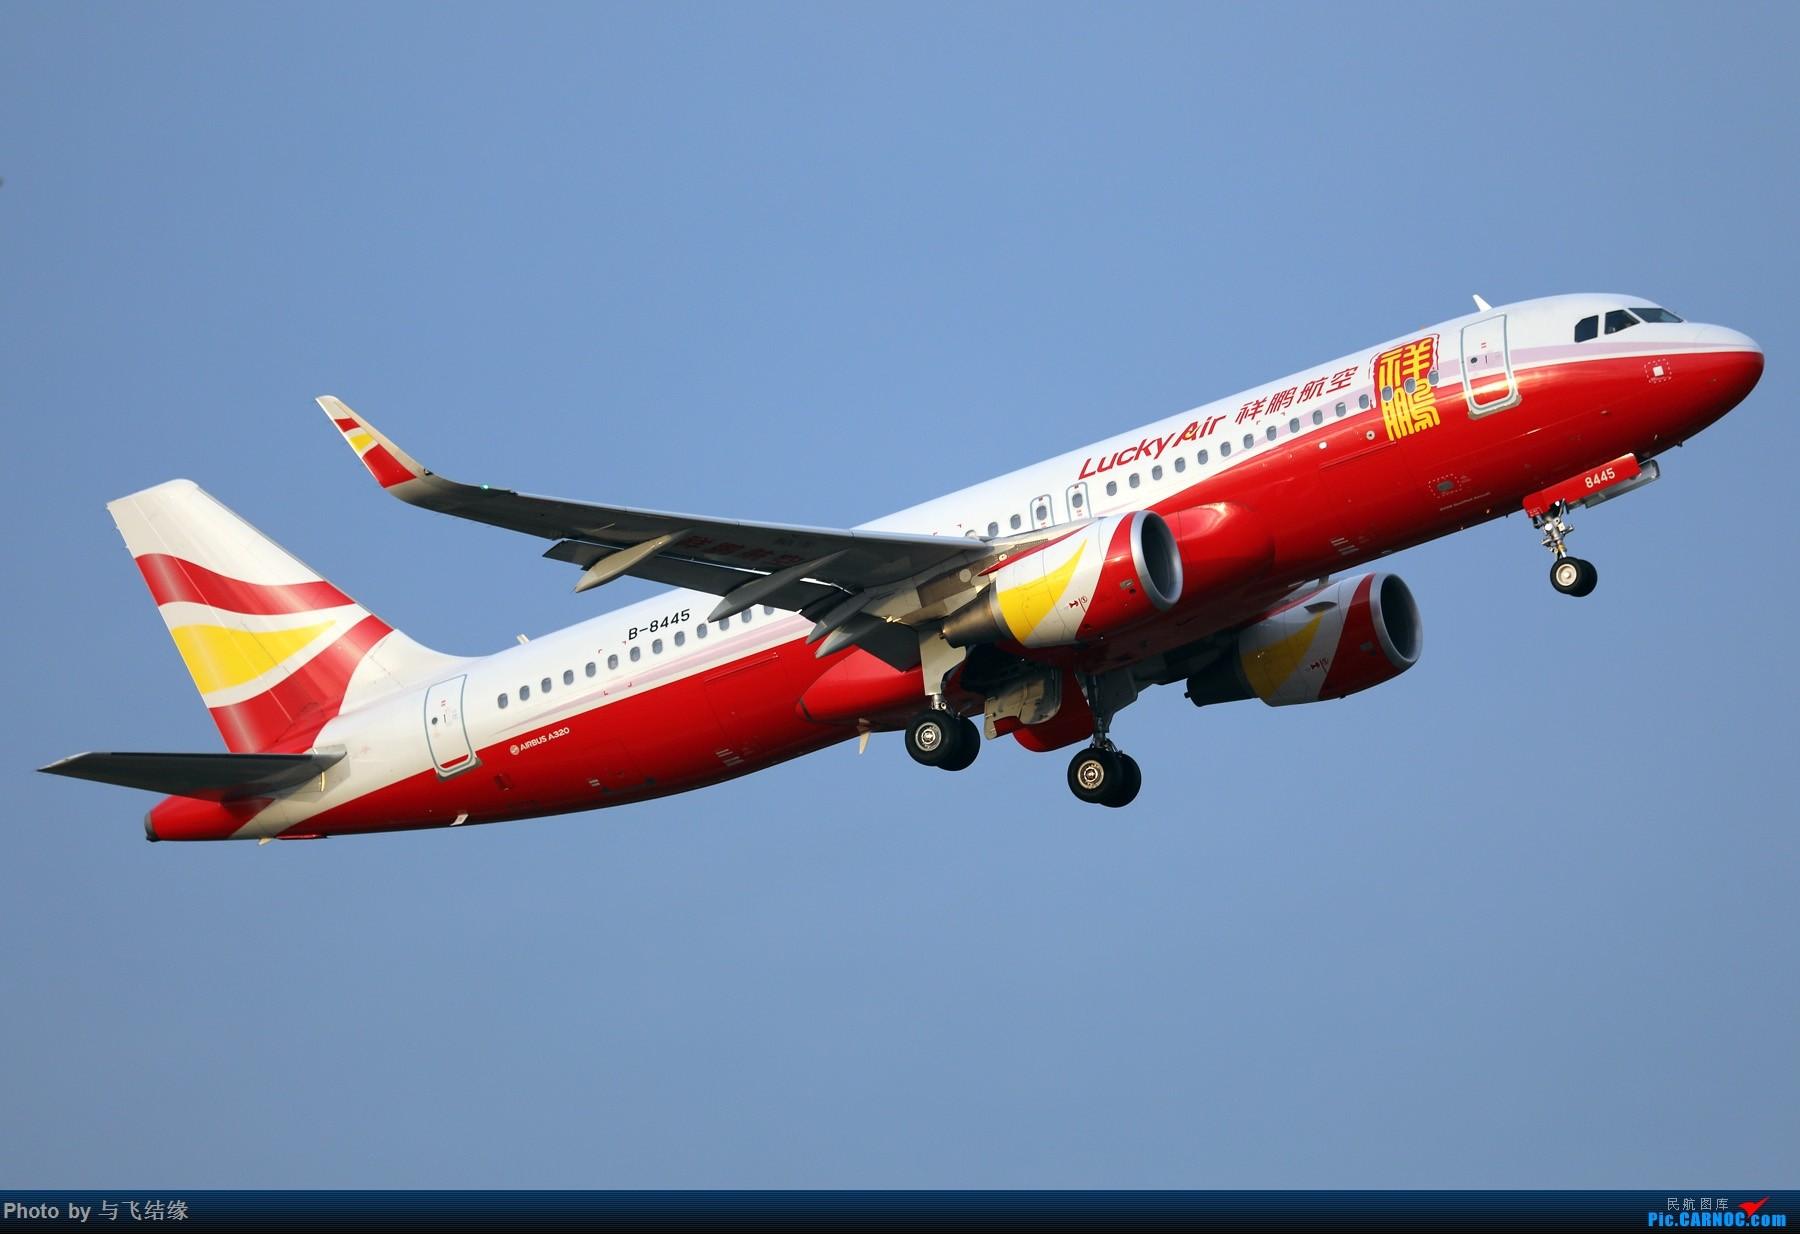 一张图,在PEK起飞的祥鹏航空新装320!